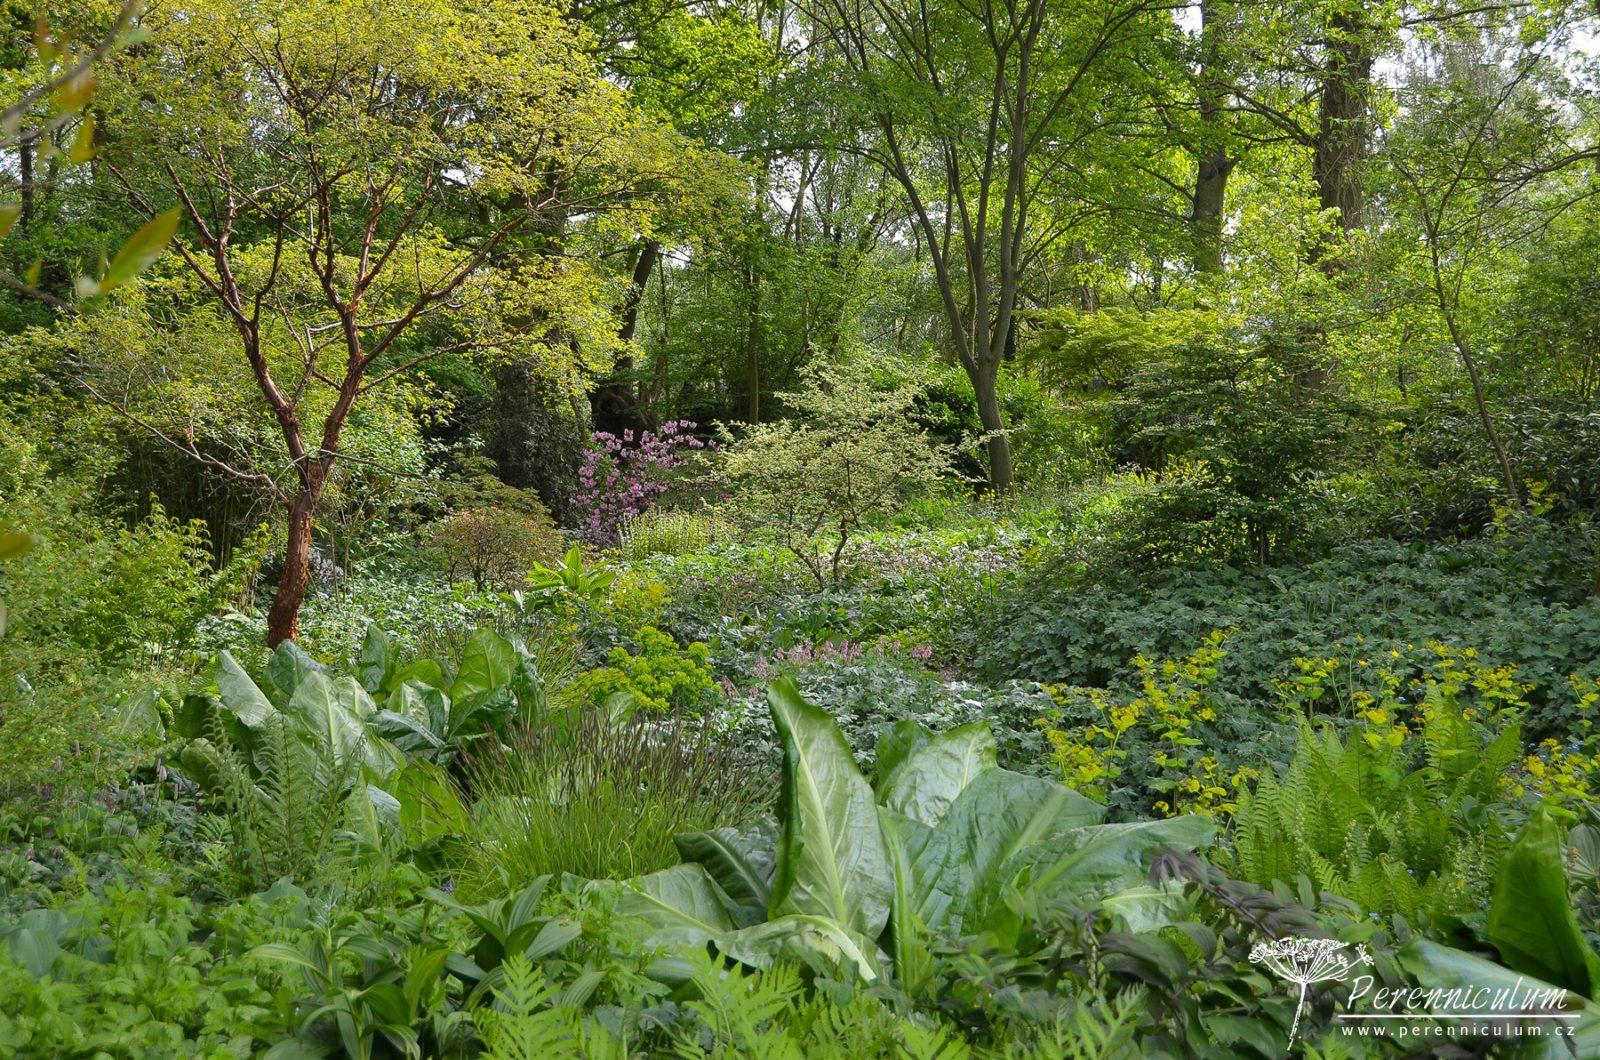 Šťavnatě zelená, hustě osázená, avšak pečlivě, zahradnicky udržovaná hajní partie.